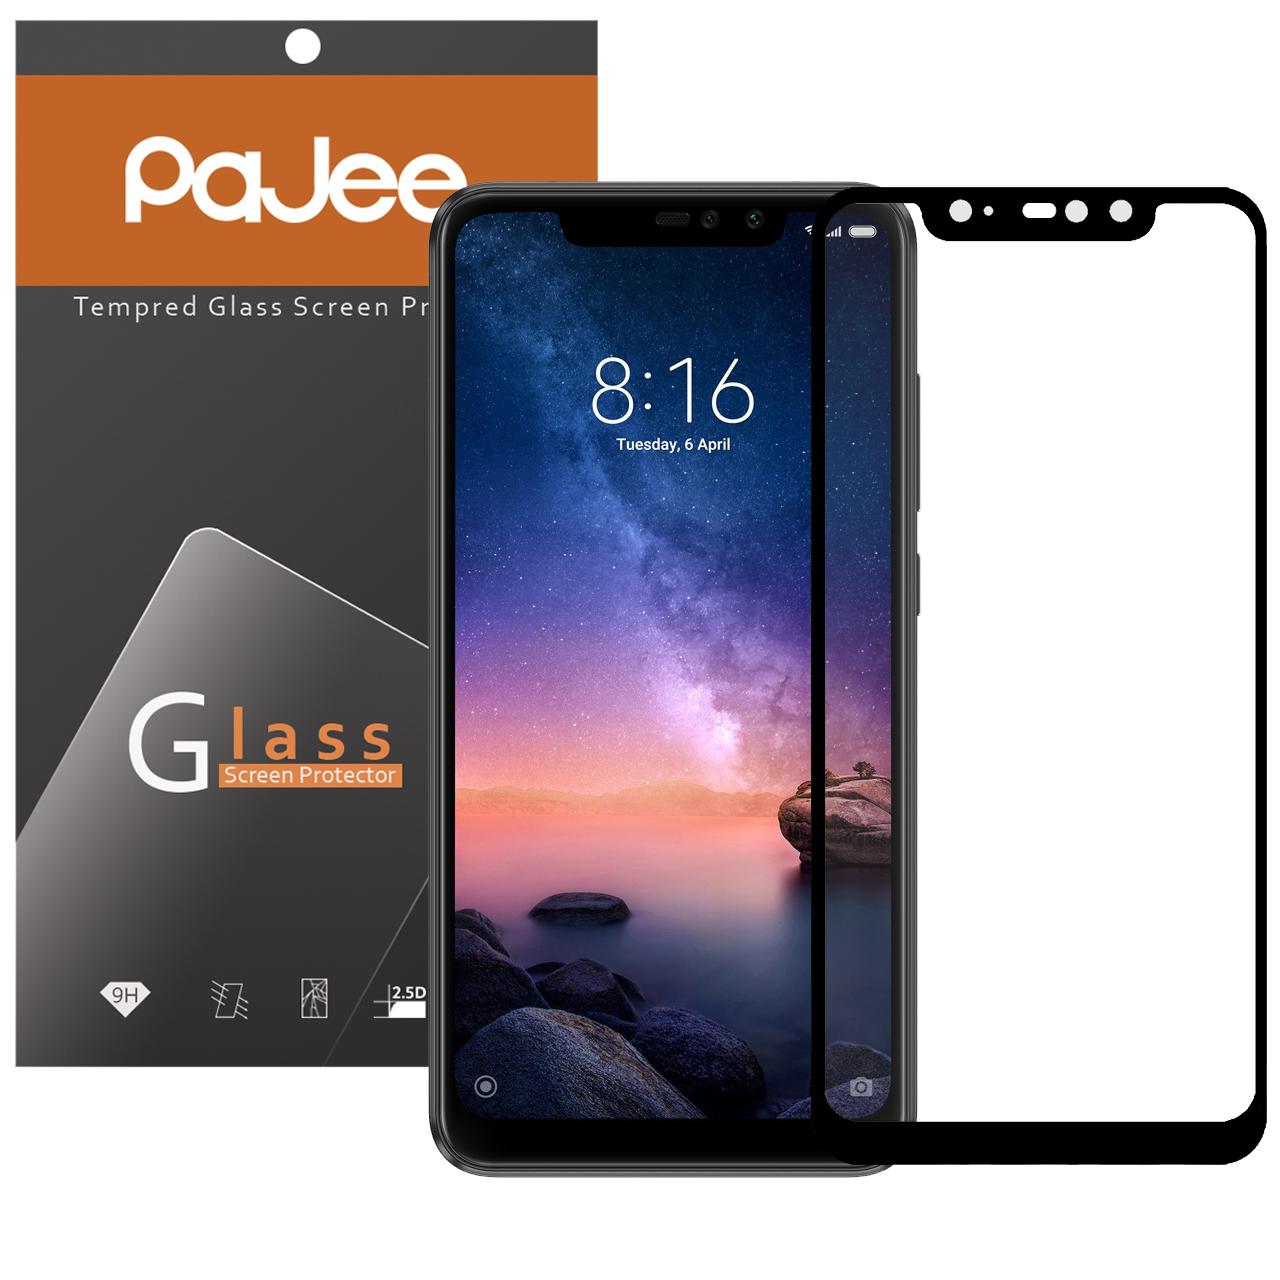 محافظ صفحه نمایش  پاجی مدل P-N6P مناسب برای گوشی موبایل شیائومی NOTE 6 PRO